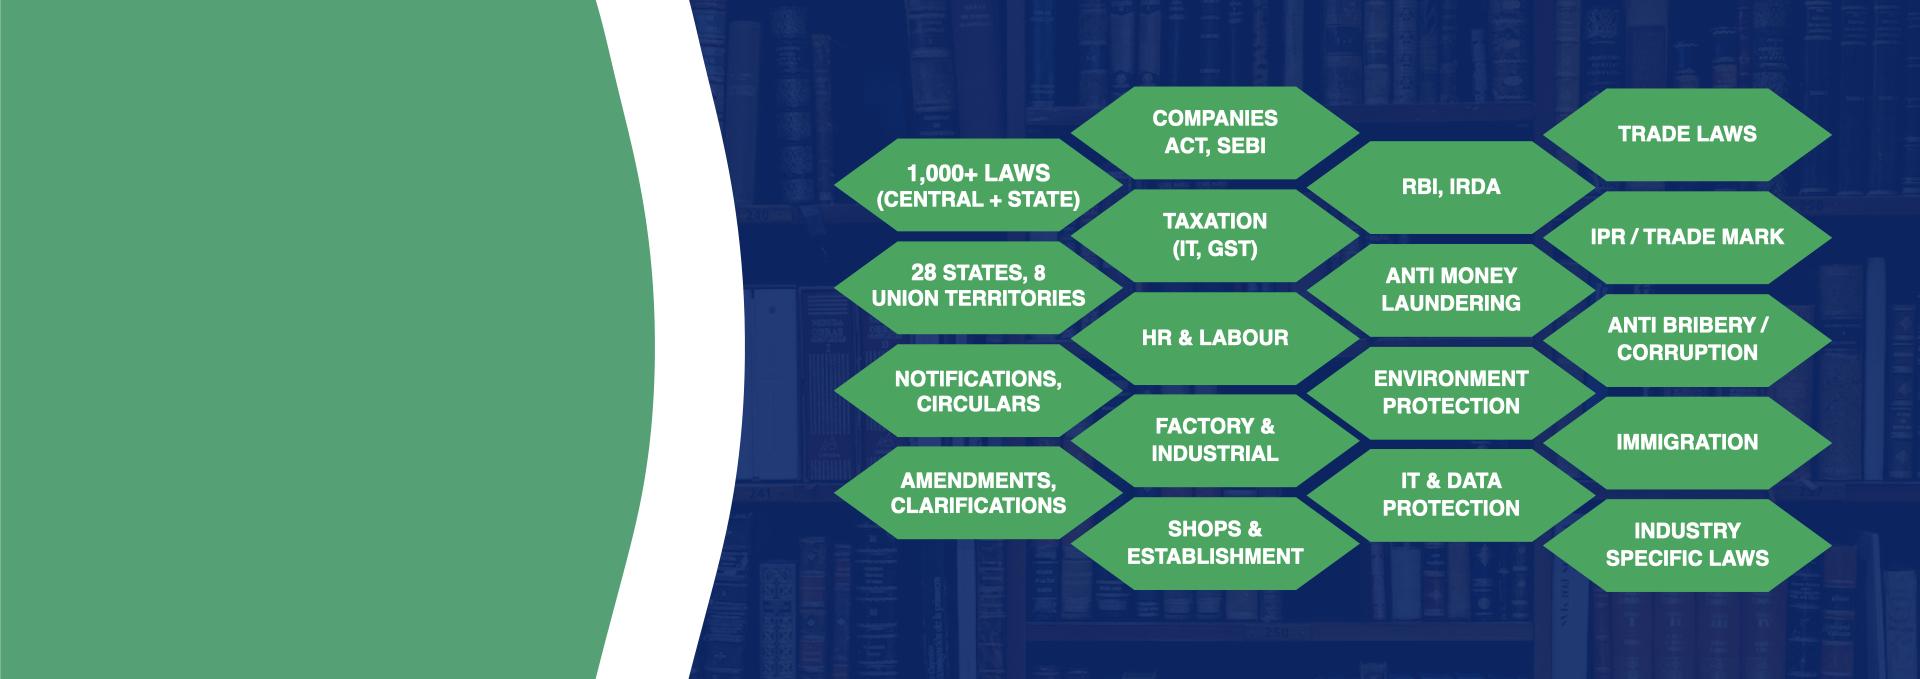 Regulatory Updates